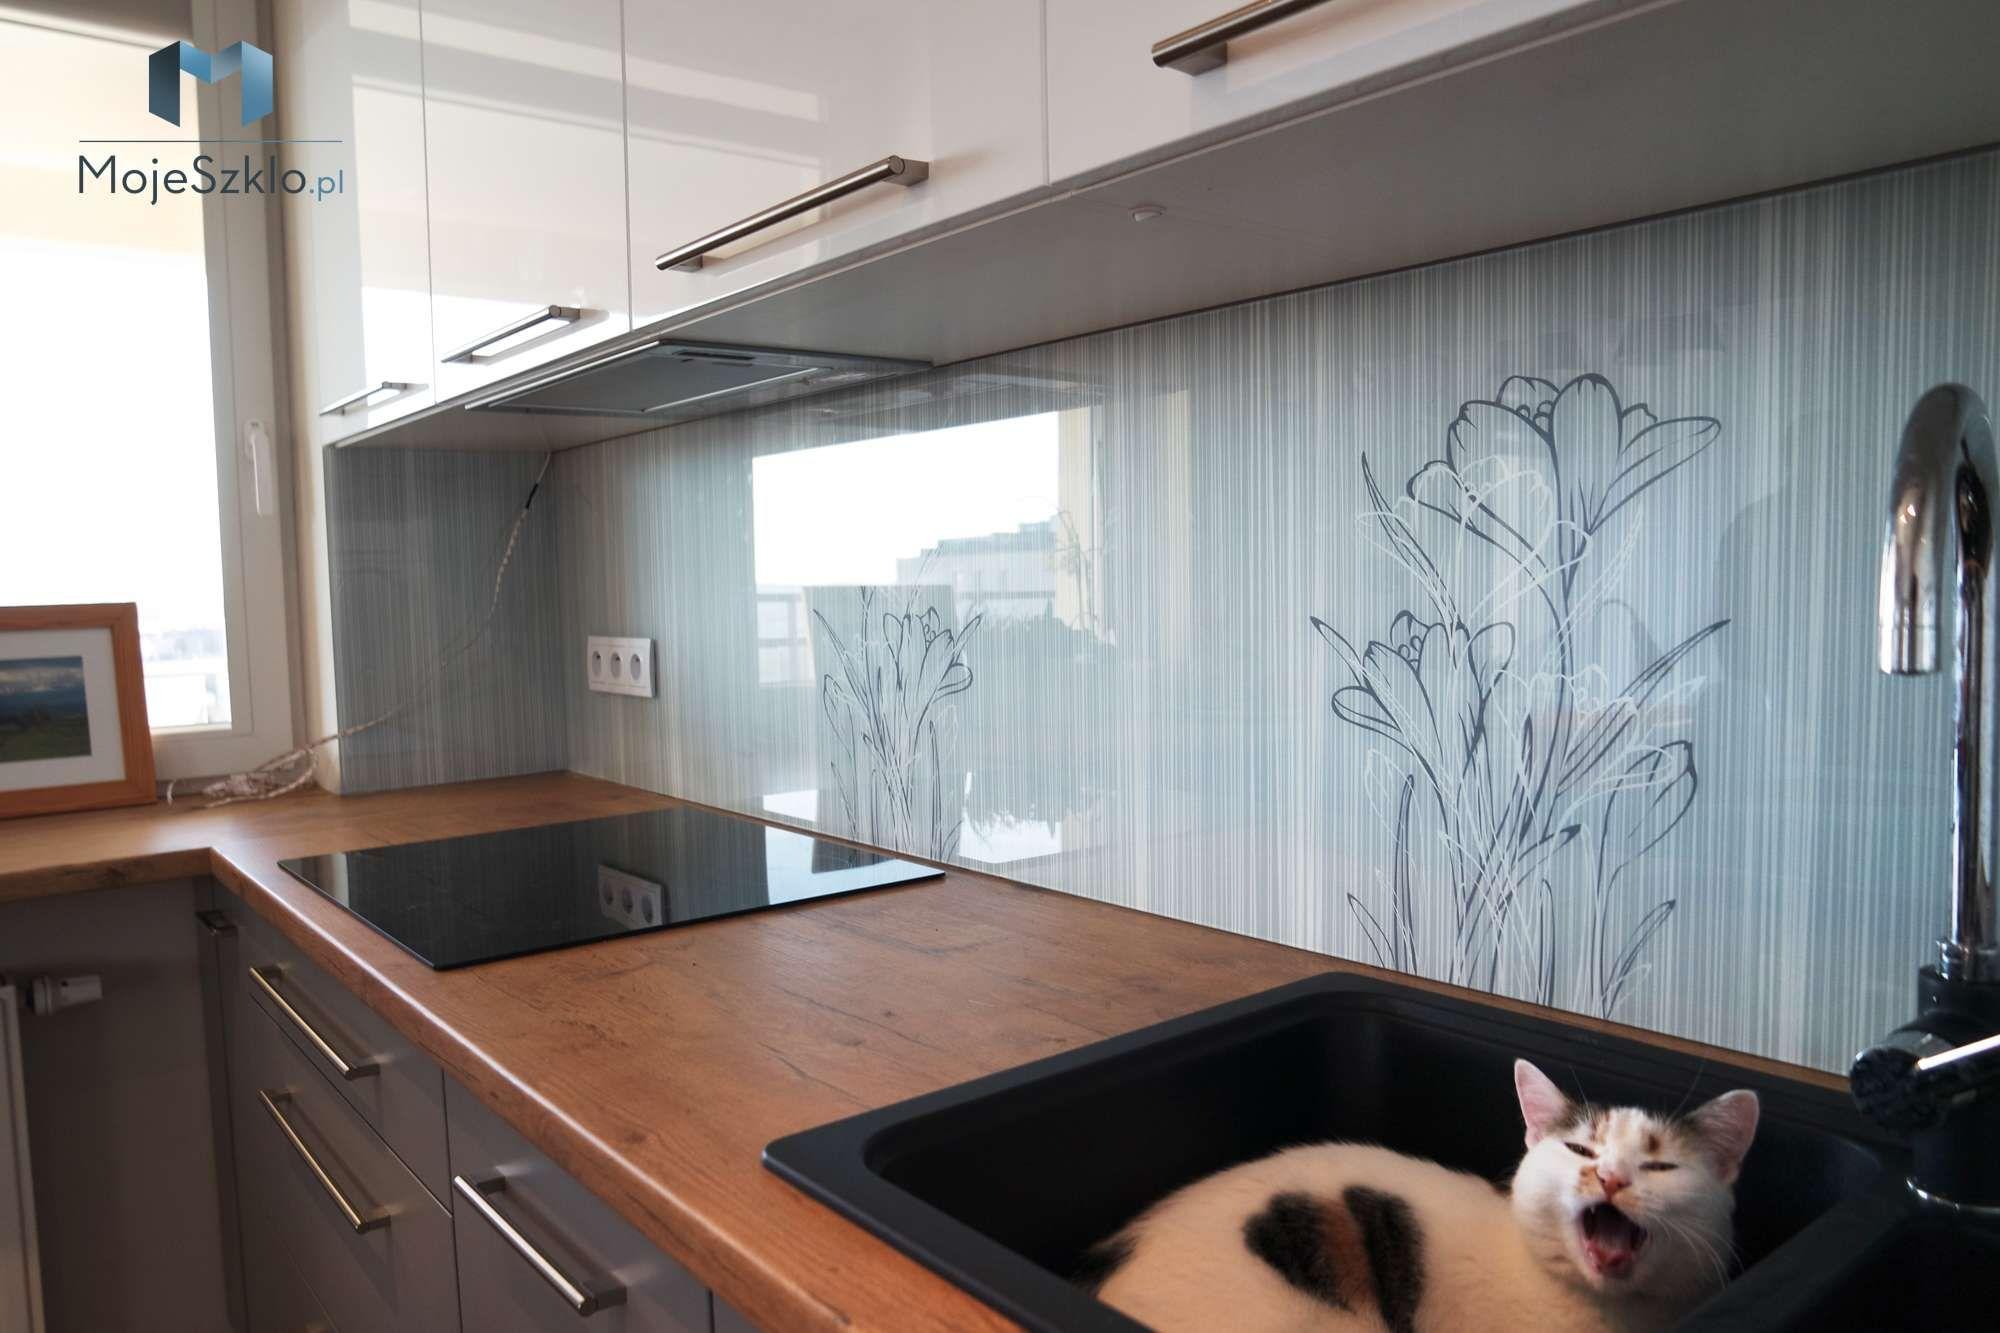 Szklo Z Grafika Kwiaty Home Decor Decor Kitchen Island